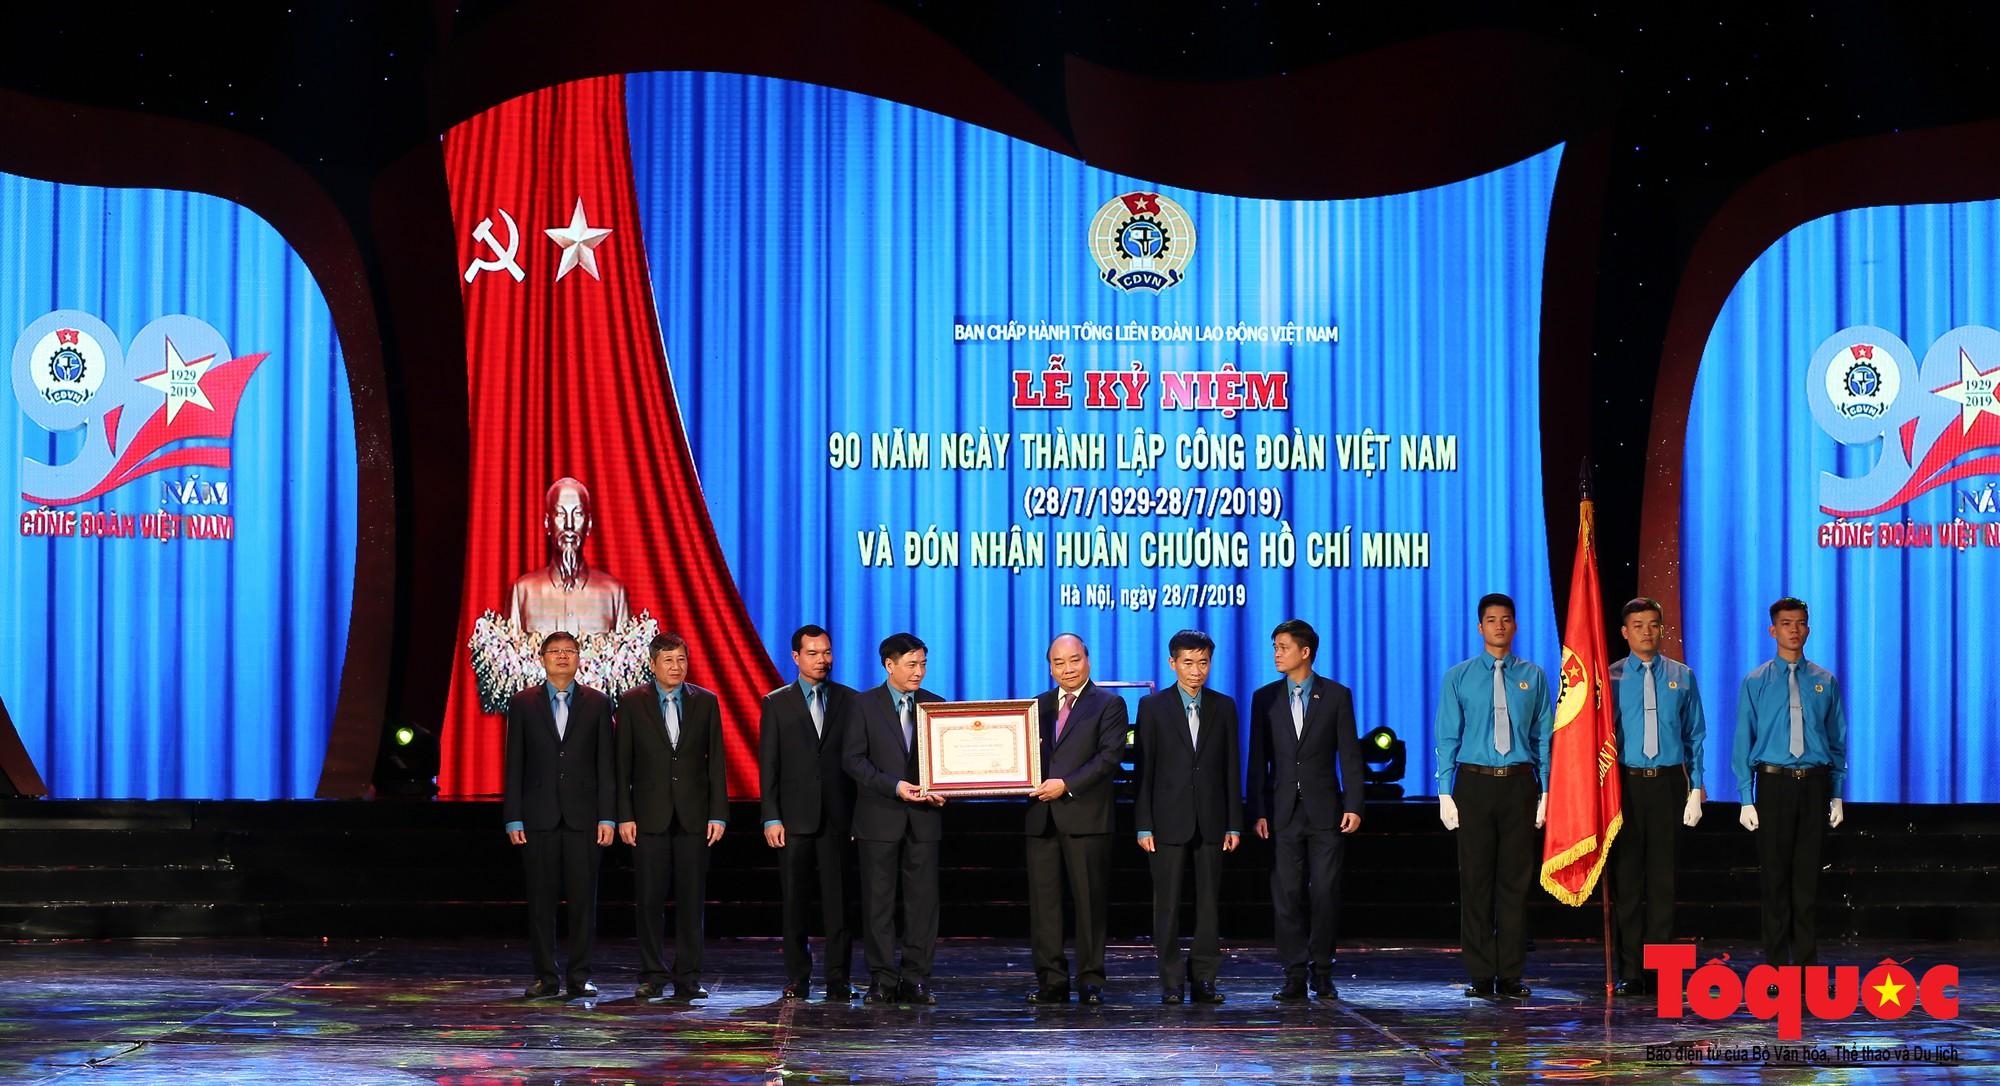 Long trọng Lễ kỷ niệm 90 năm Ngày thành lập Công đoàn Việt Nam (10)